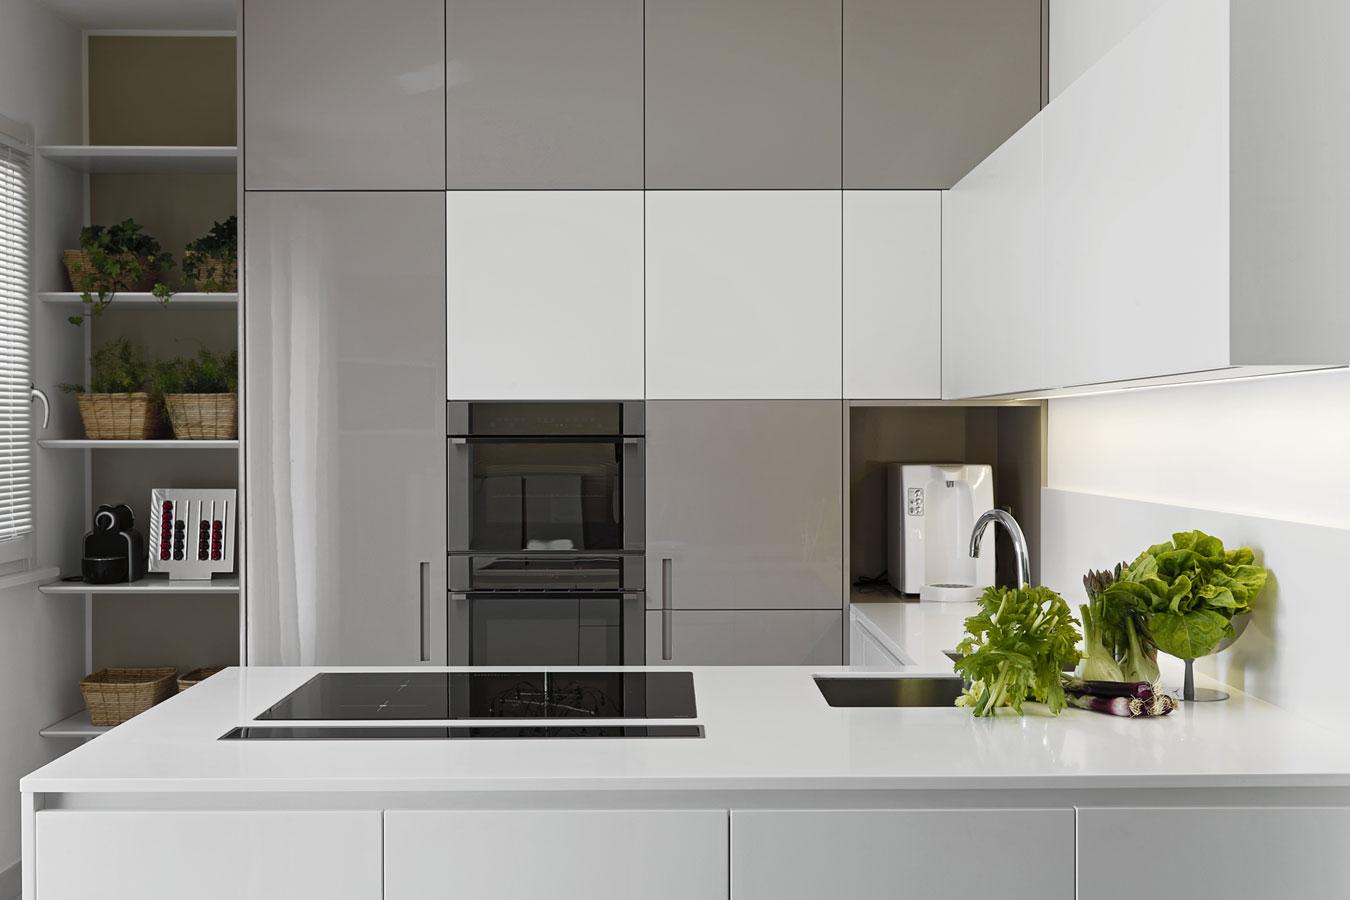 Een composiet werkblad in de keuken: voor & nadelen